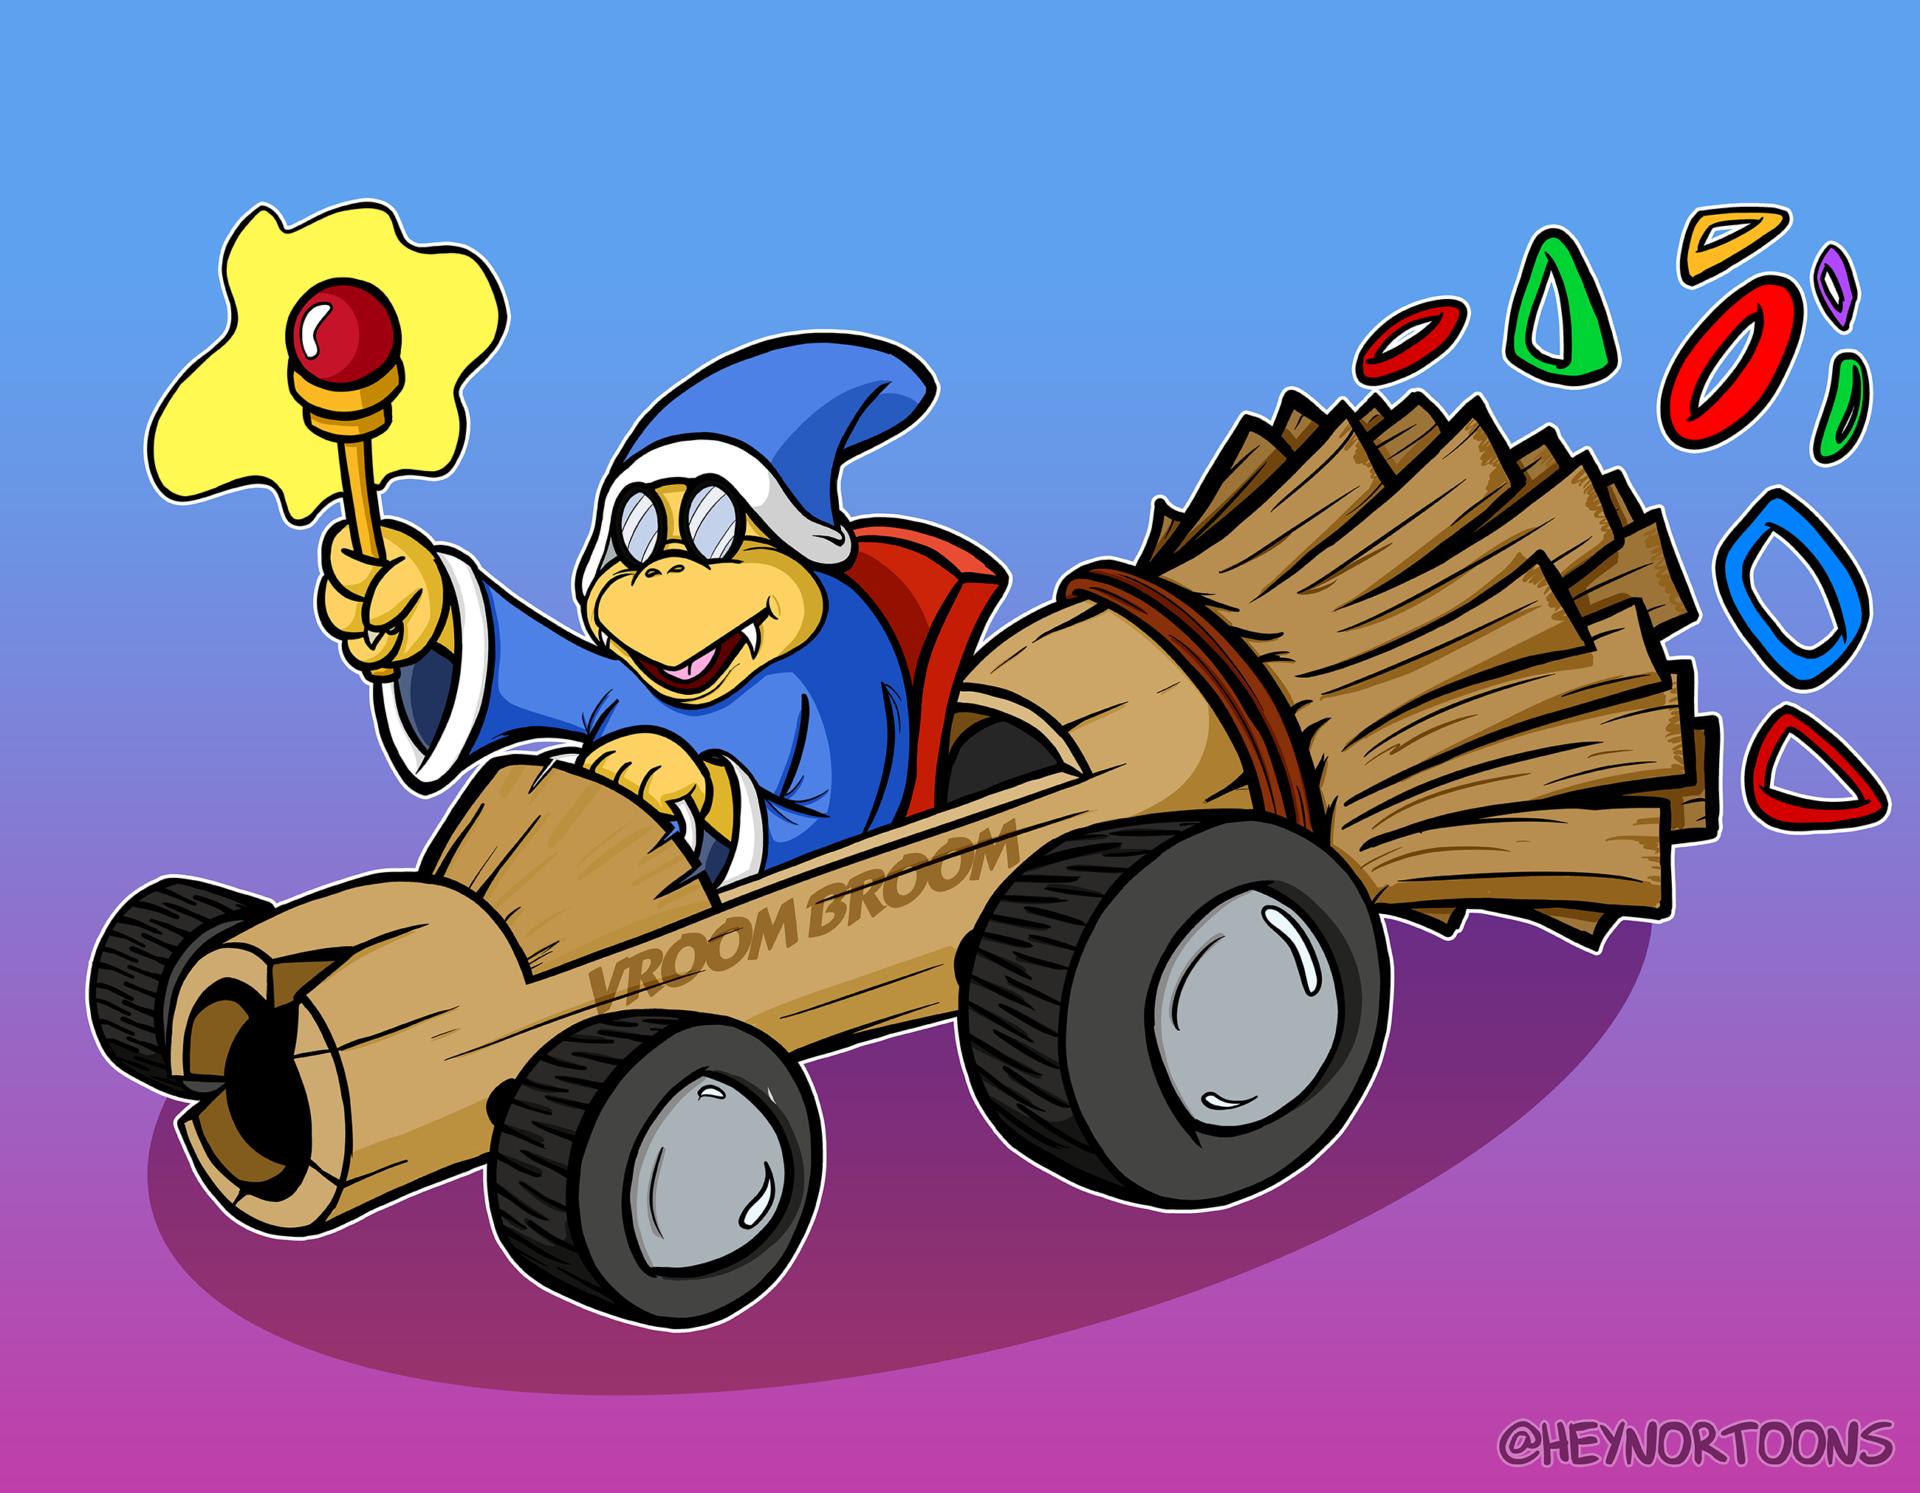 Kamek Driving the Vroom Broom kart